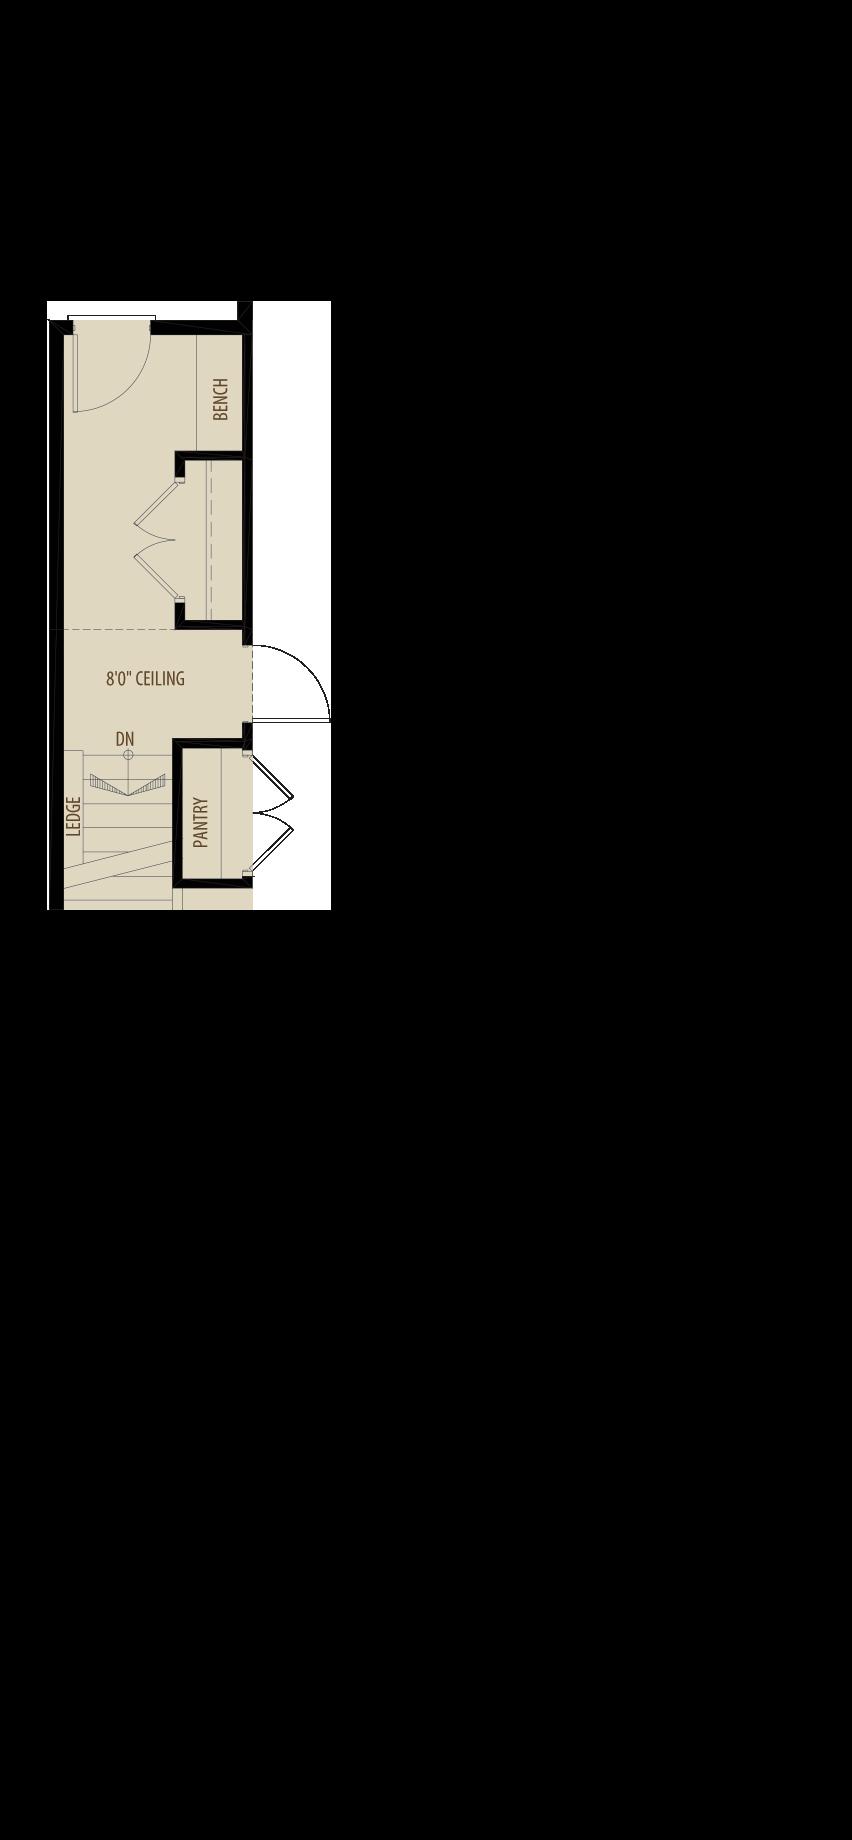 Basement Access Adds 15 sq ft